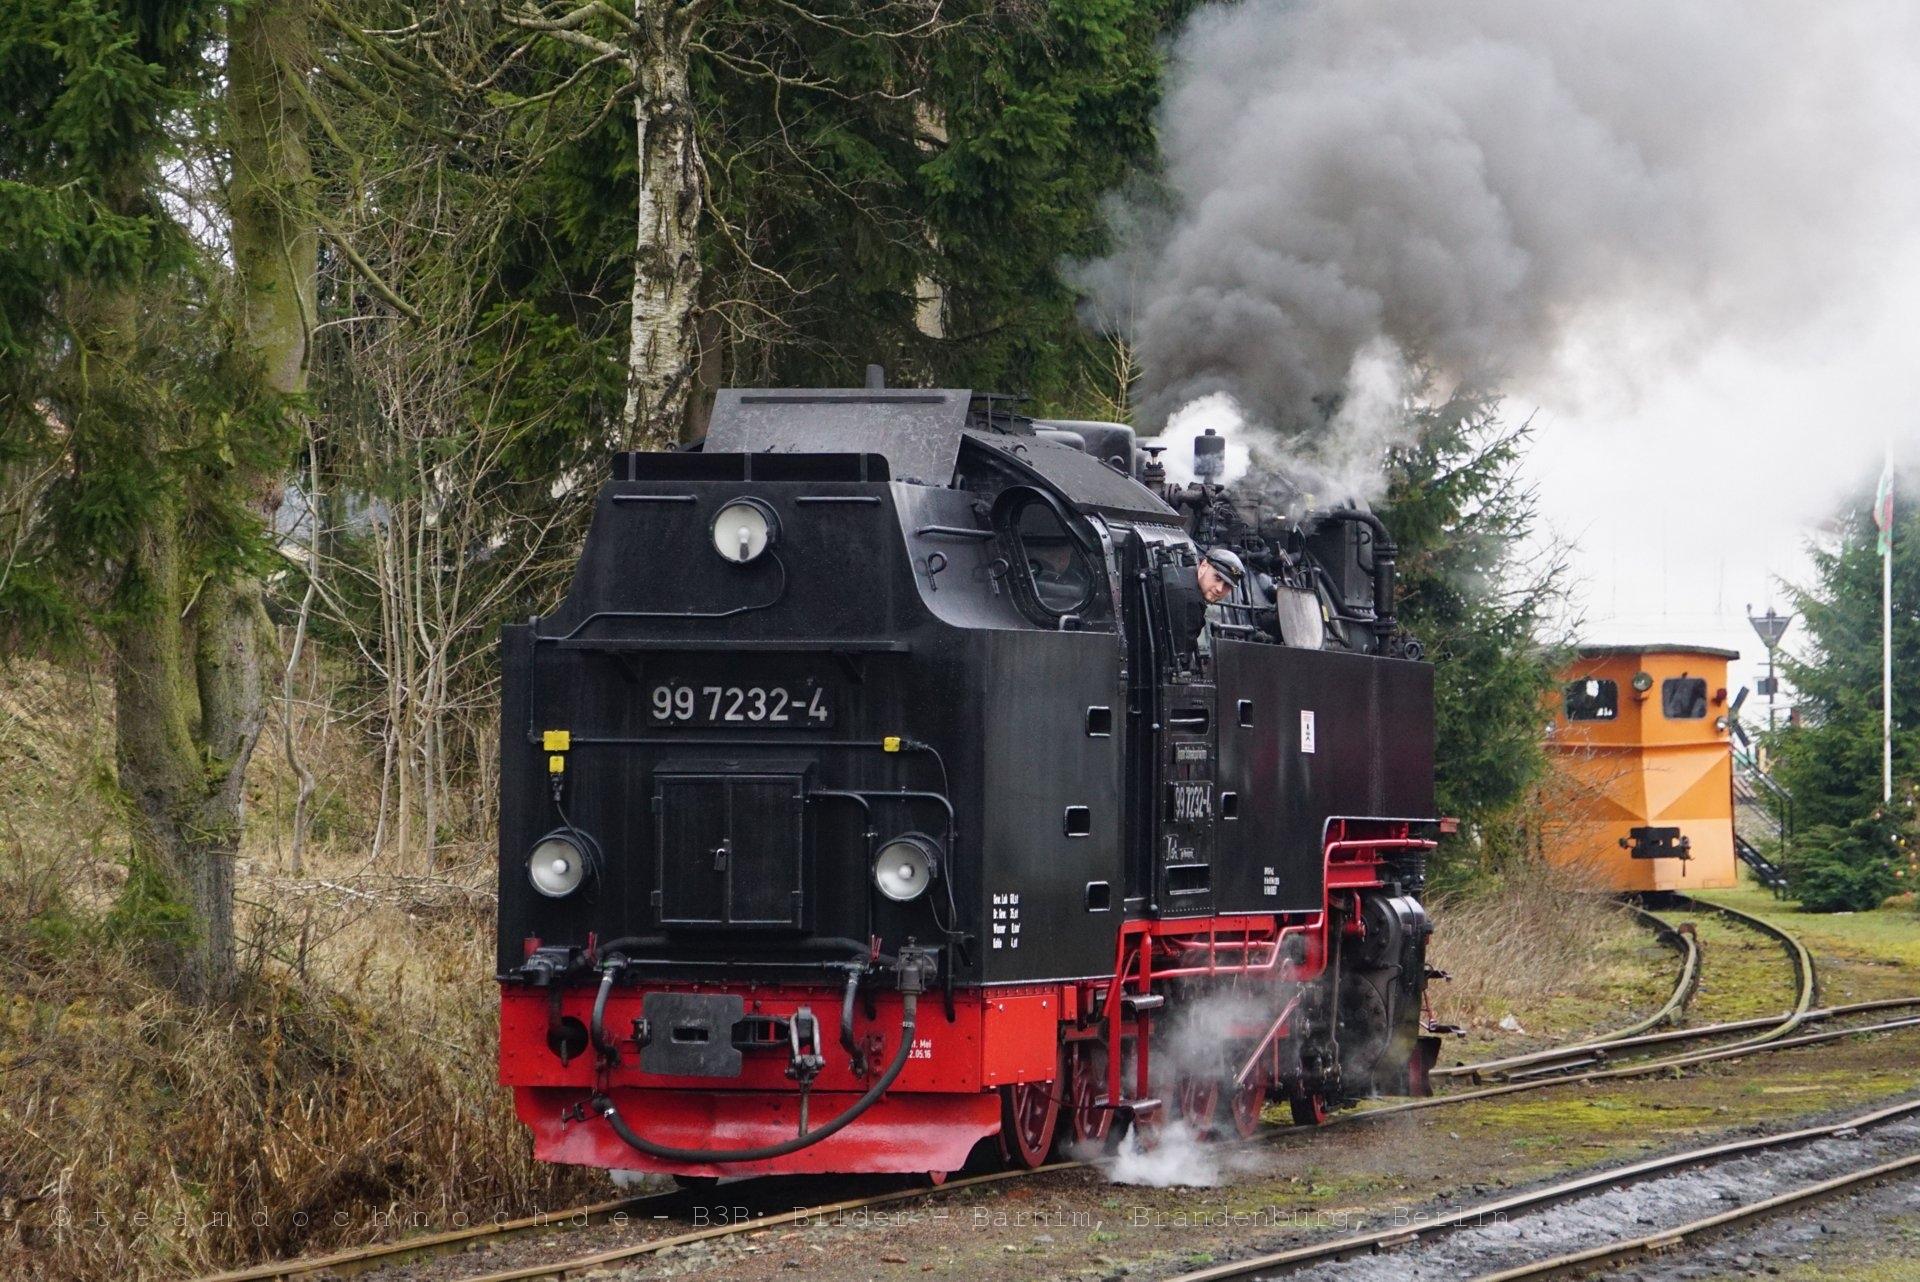 Umsetzen mit 99 7232-4 im Bahnhof Hasselfelde